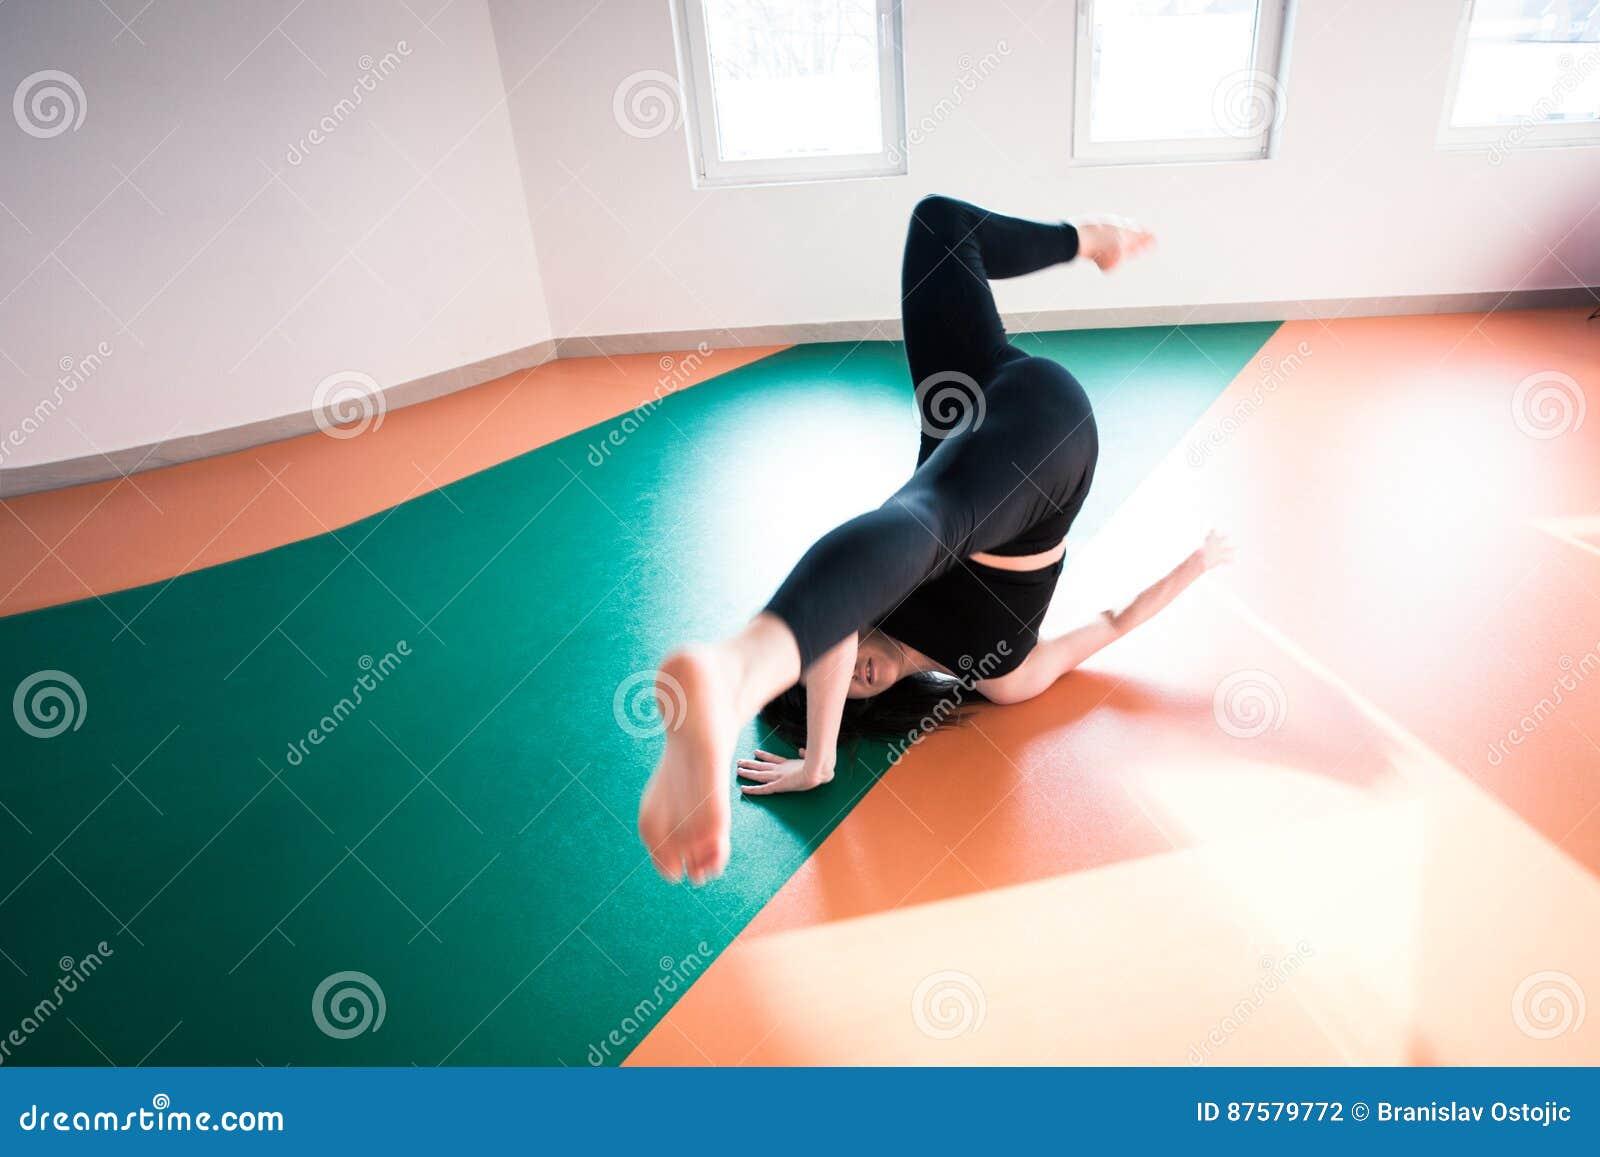 Woman Dancer Practice Floor Jump On Ballet Class Stock Photo Image